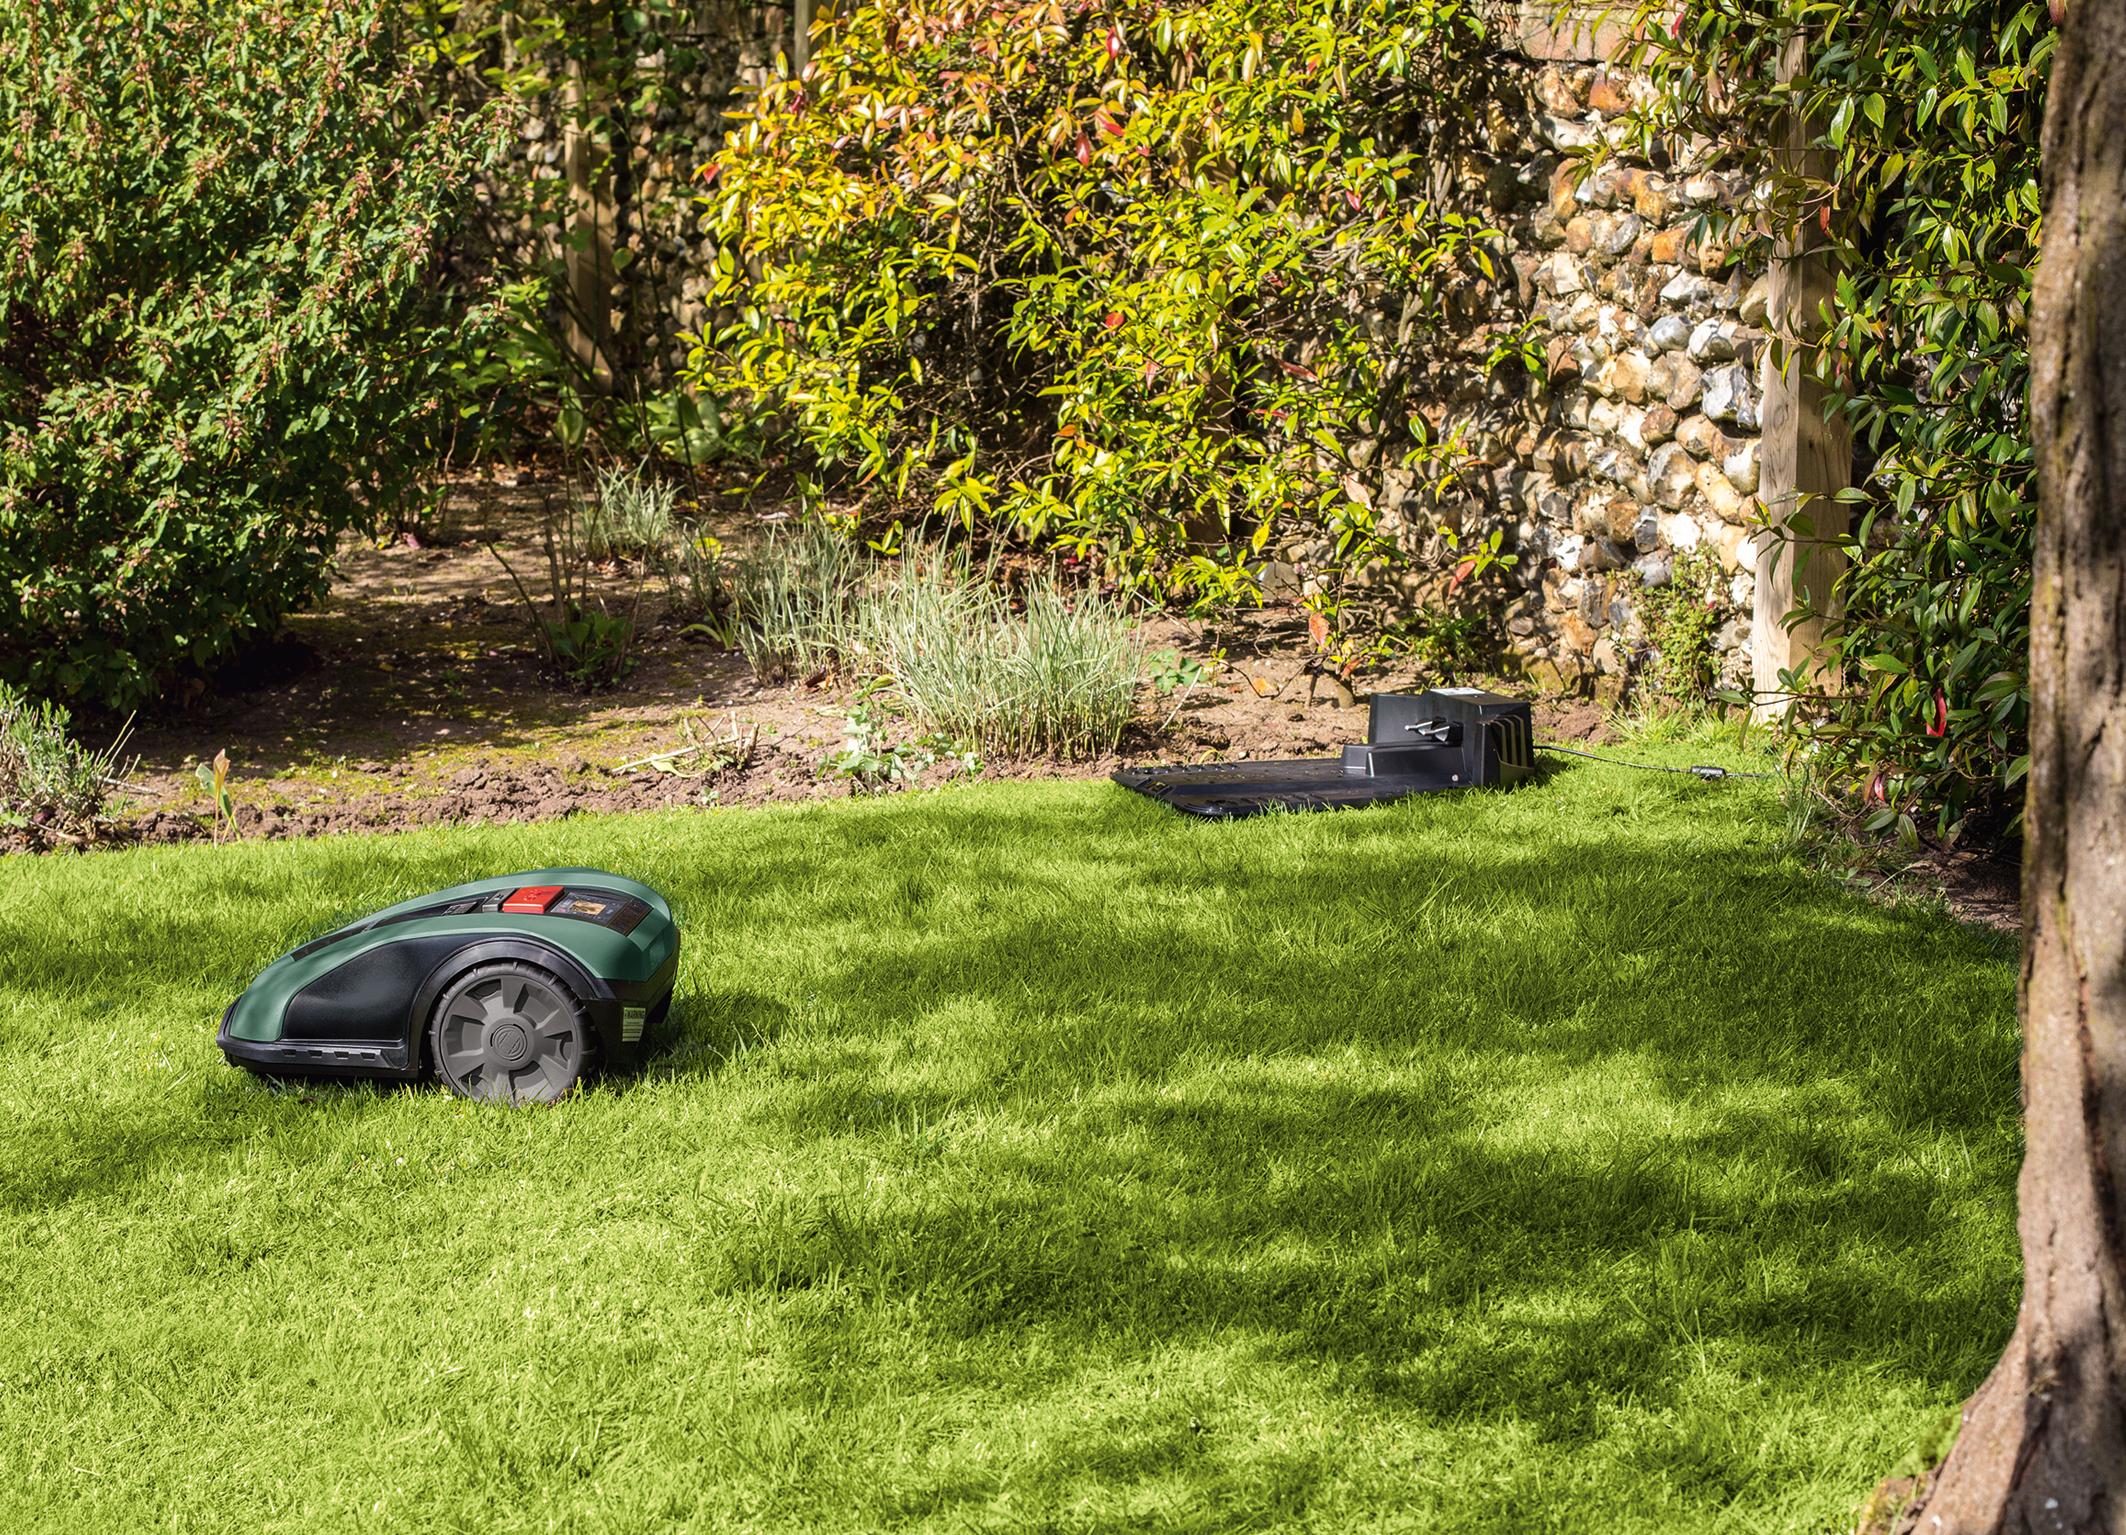 Vysoká pridaná hodnota pre užívateľov vďaka presnému meraniu plochy trávnika: Robotické kosačky Bosch Indego M 700 a Indego M+ 700